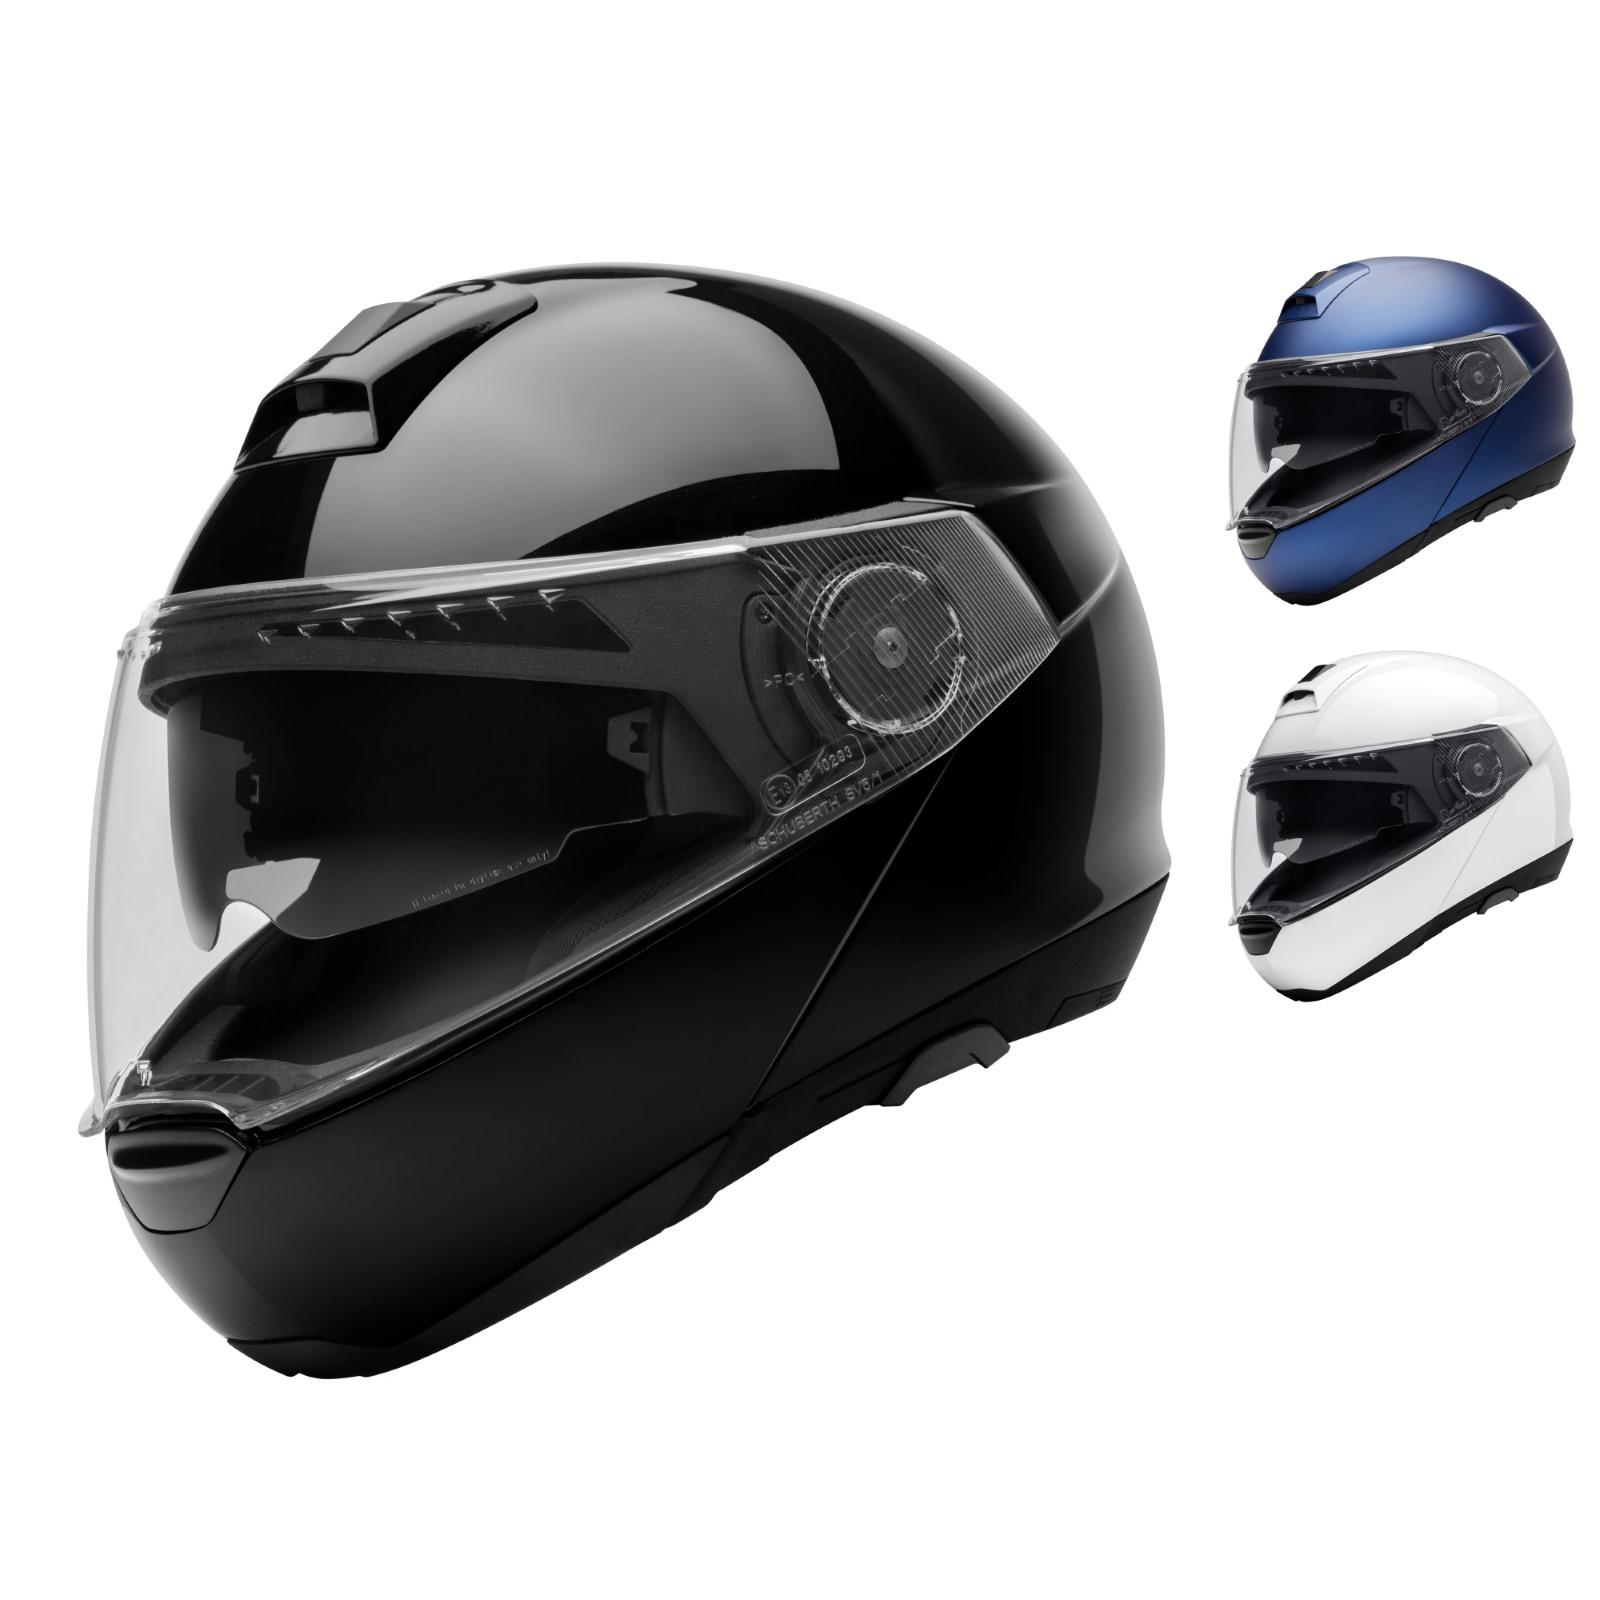 a24d7b51 Schuberth C4 Full Face Helmet | M&P Direct